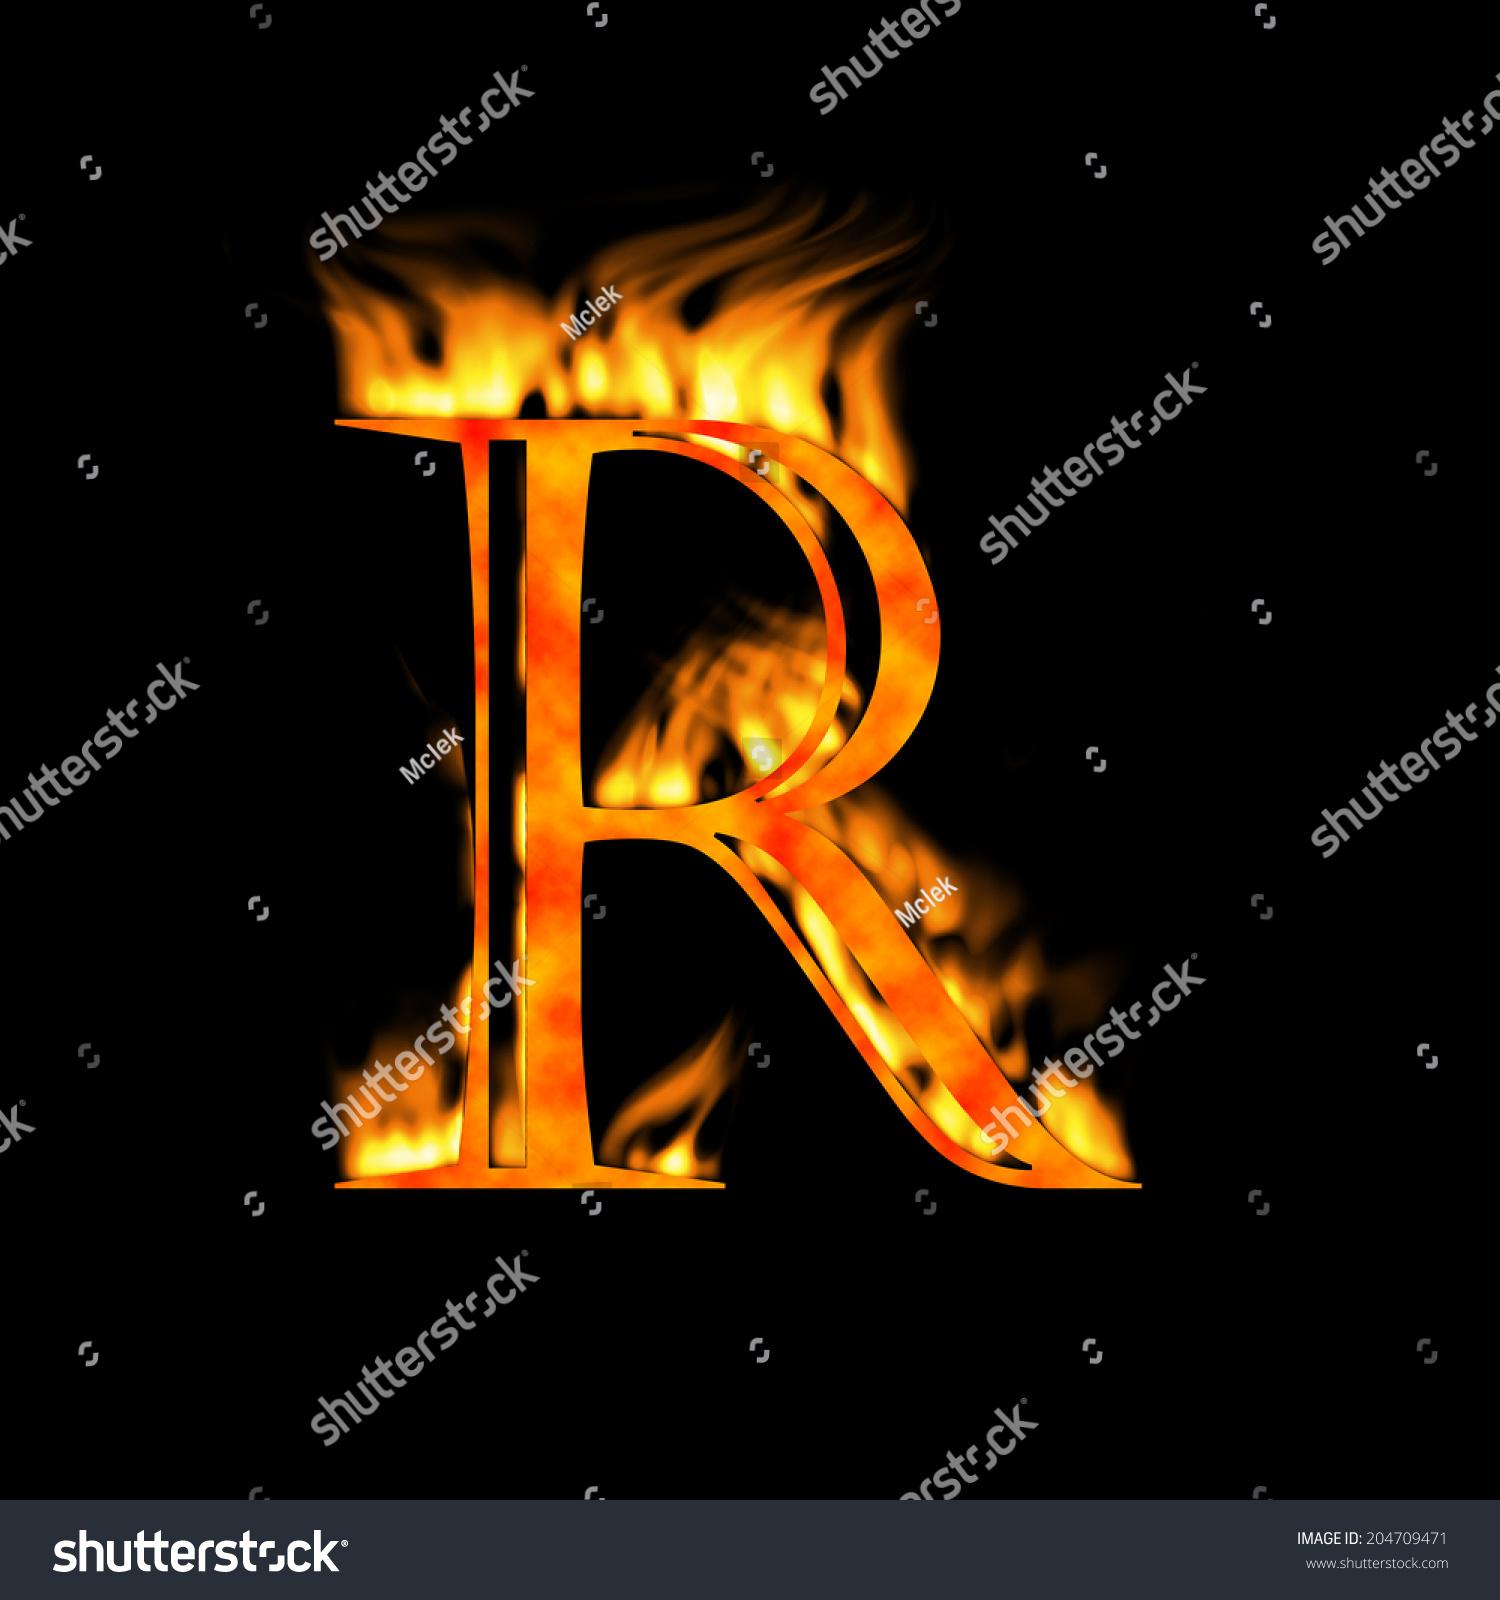 Letter R Letter Symbol Fire Alphabet Stock Illustration 204709471